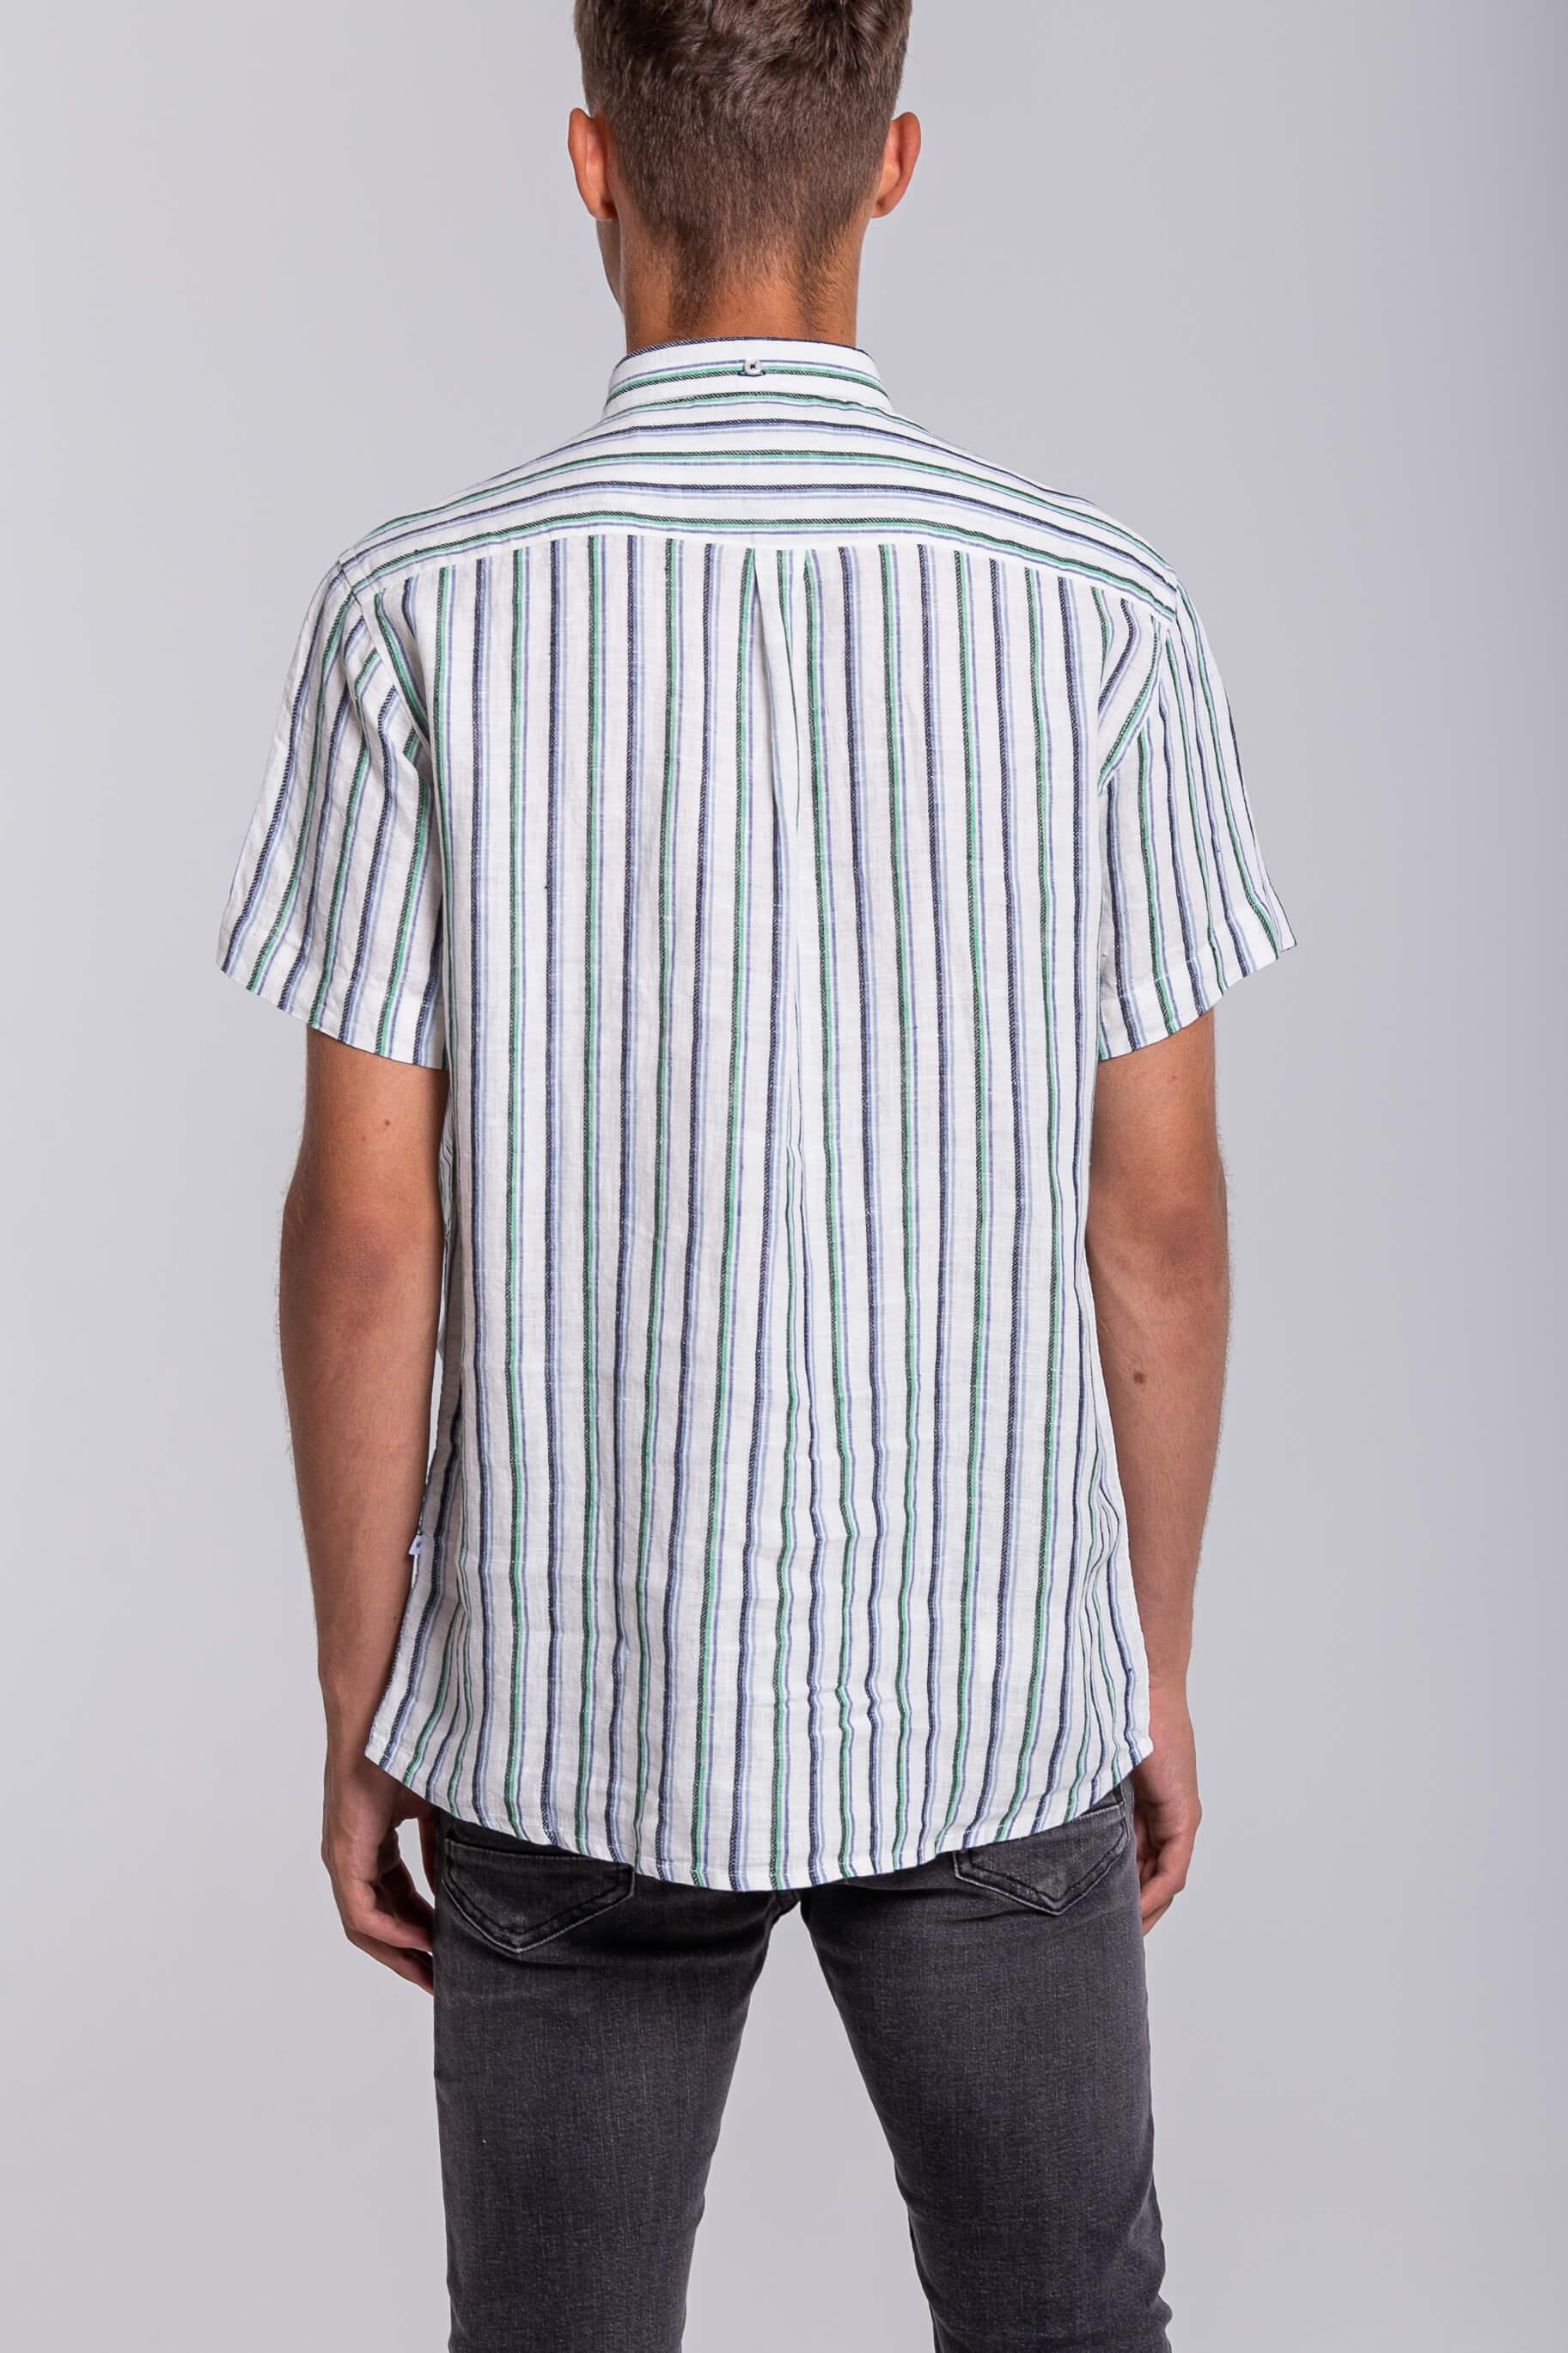 Рубашка Kronstadt Casual (464) photo 2